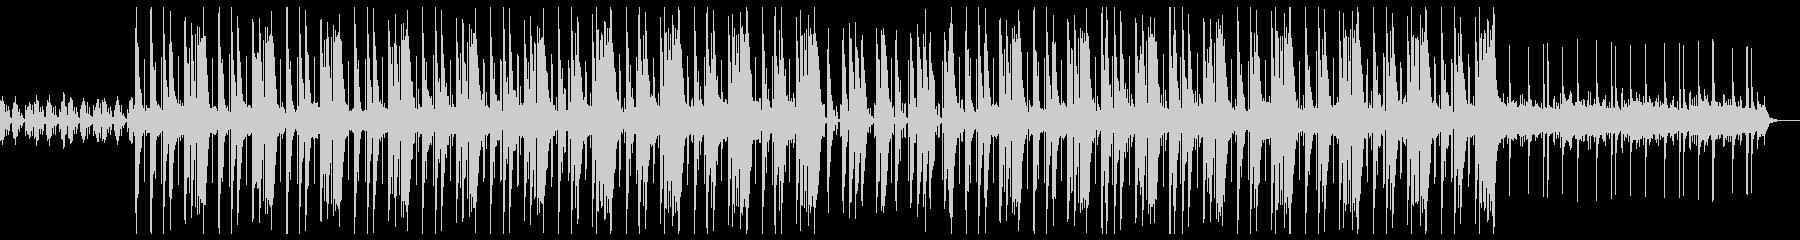 ダーク トラップ ビートの未再生の波形